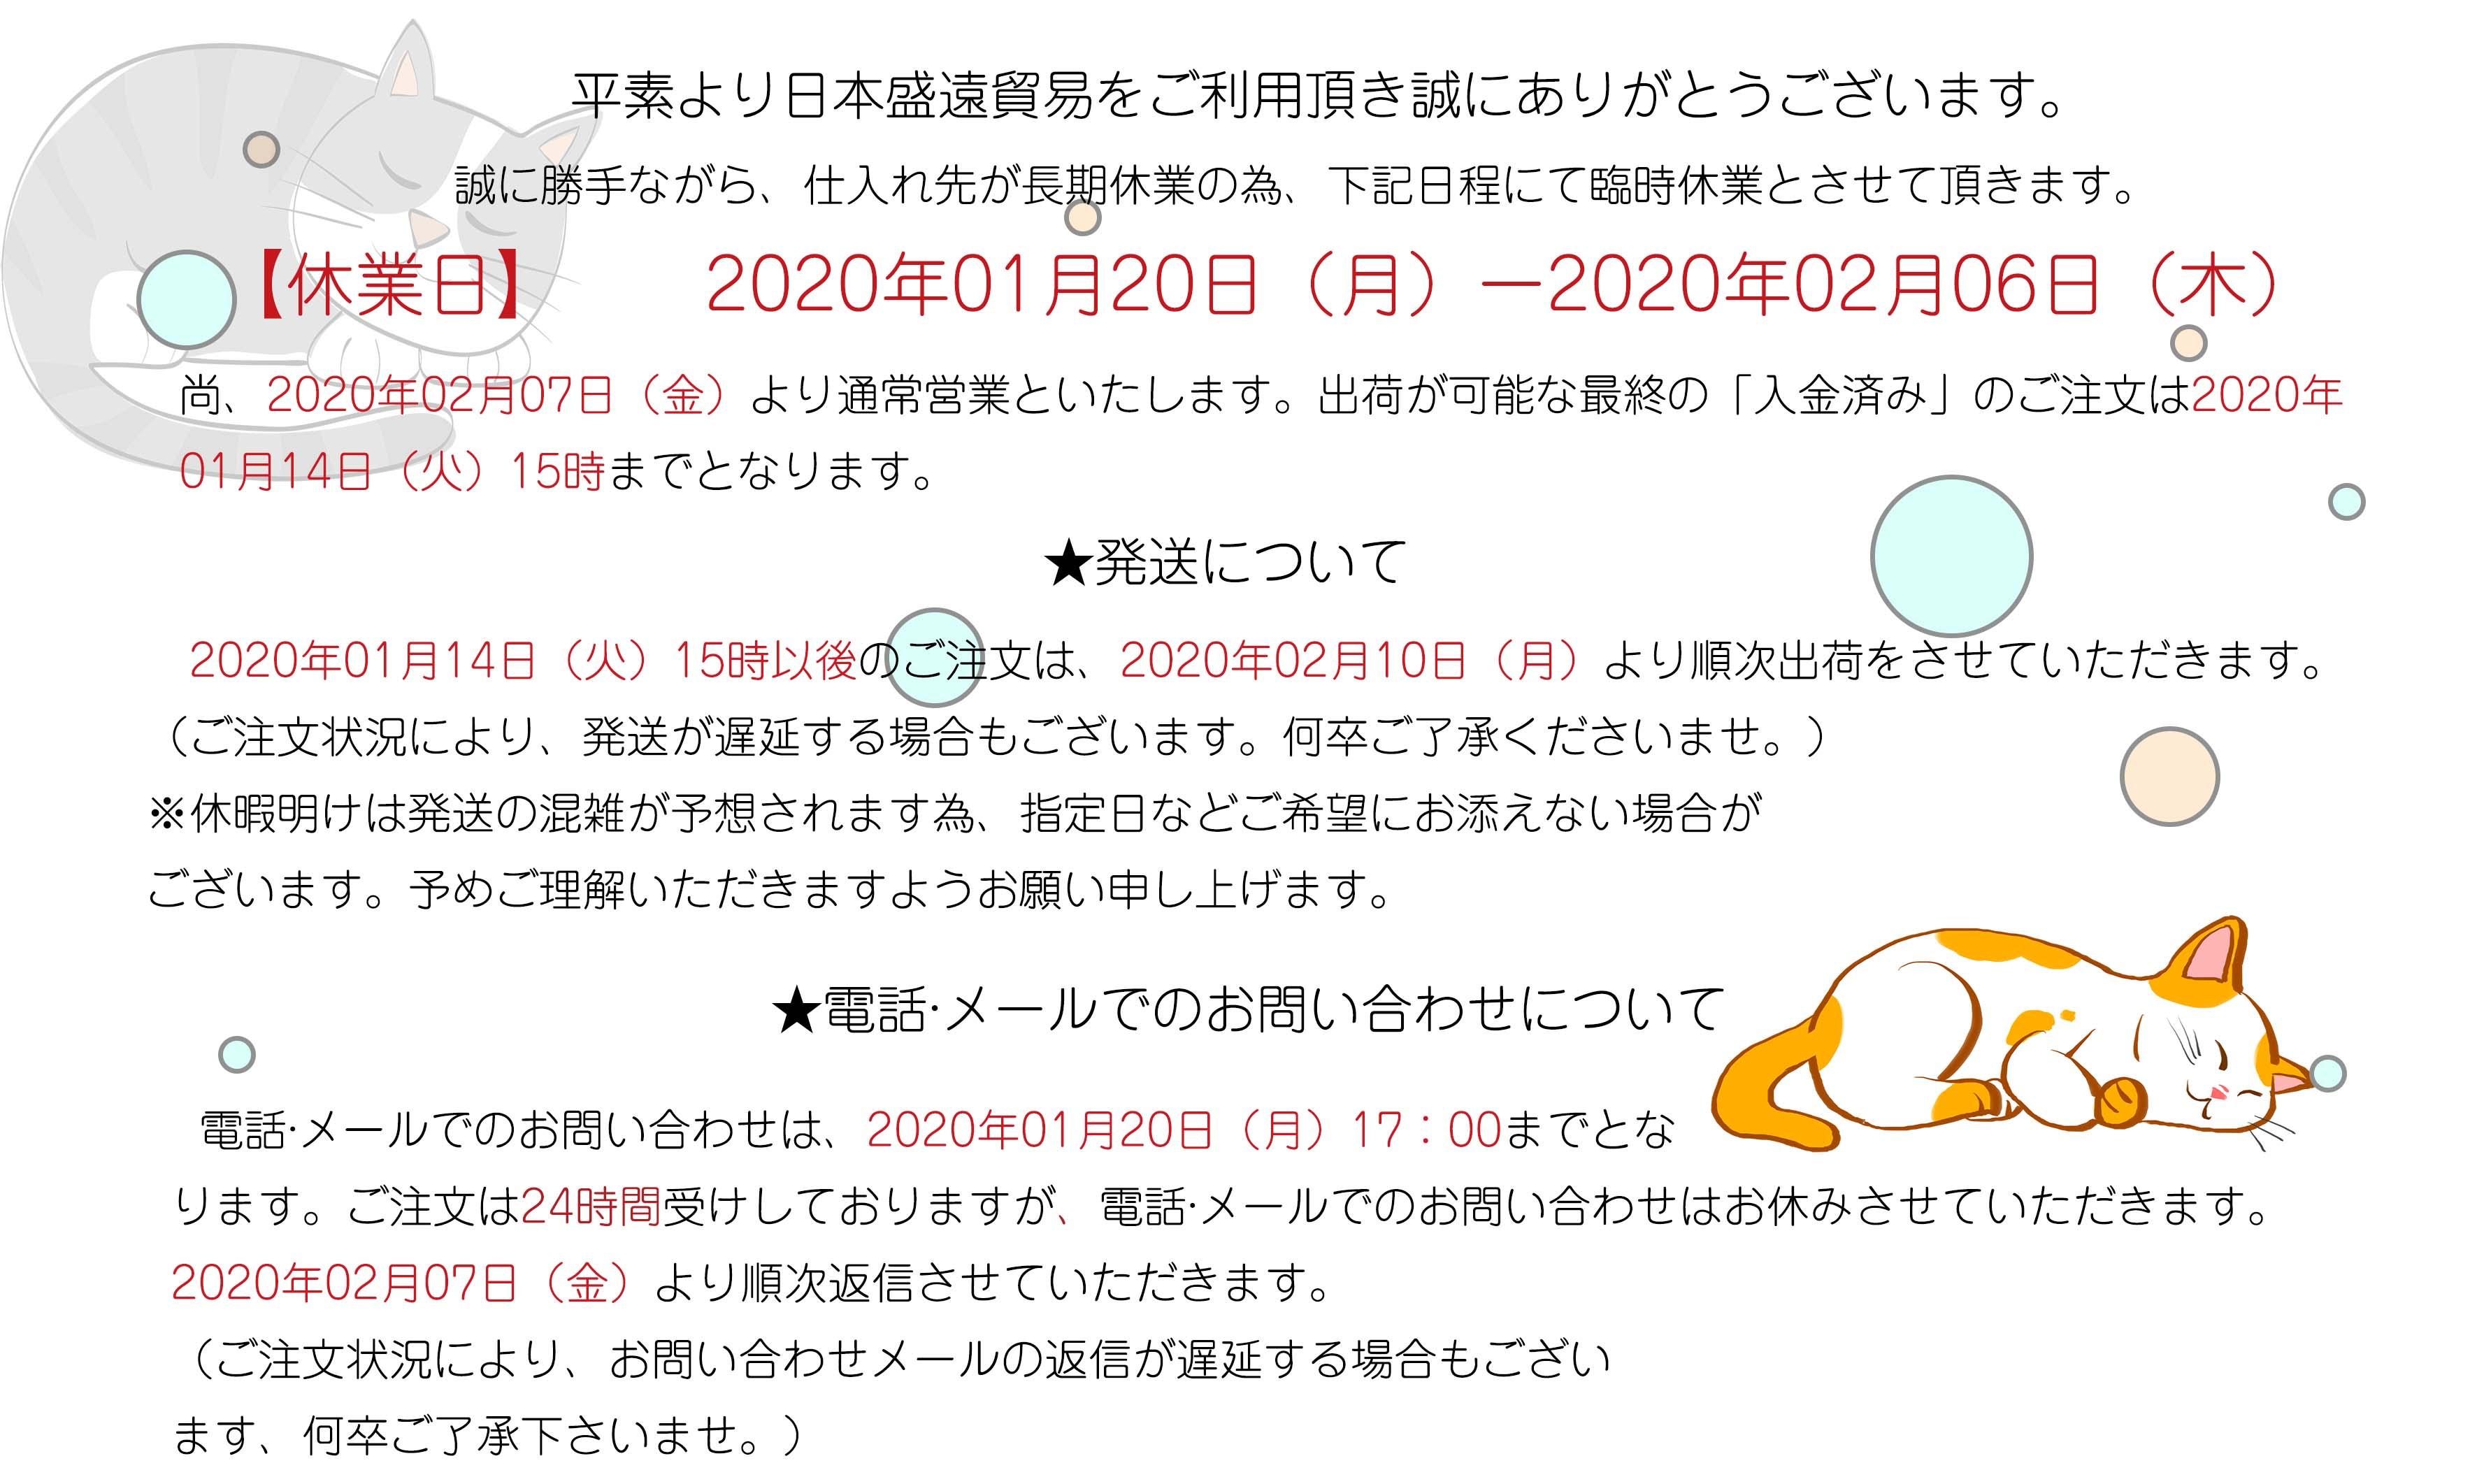 https://image.wowma.jp/45180896/200banner.jpg